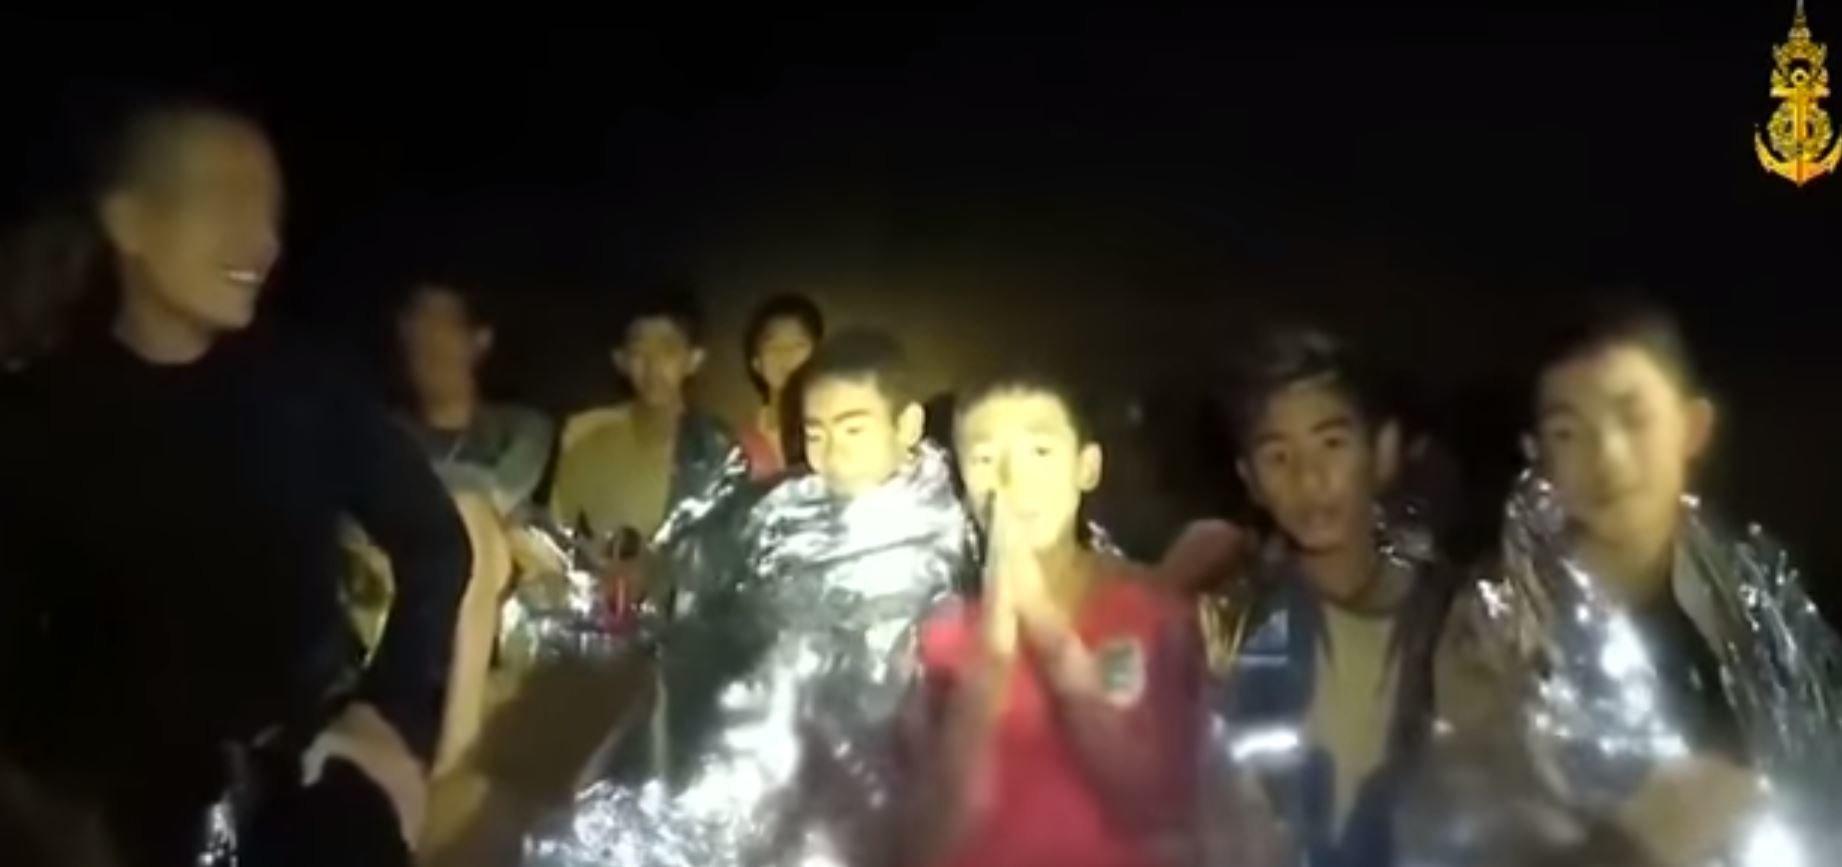 태국이 '동굴 영웅' 난민에게 국적 부여 추진한다